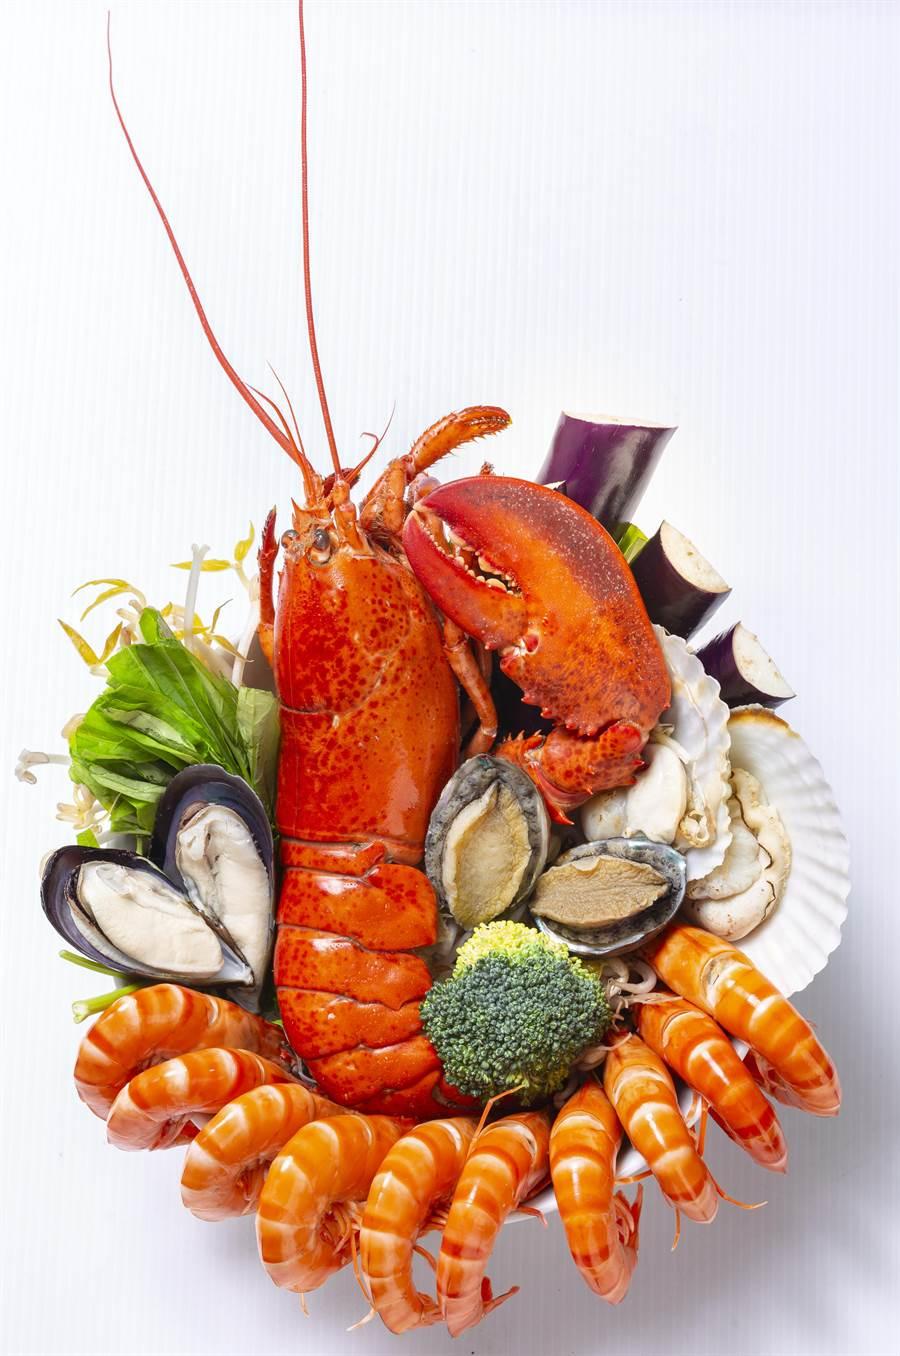 痛風系料理「檳城龍蝦麵」即日起限量供應,嚐鮮價488元/份。(圖片提供/聯發國際餐飲)